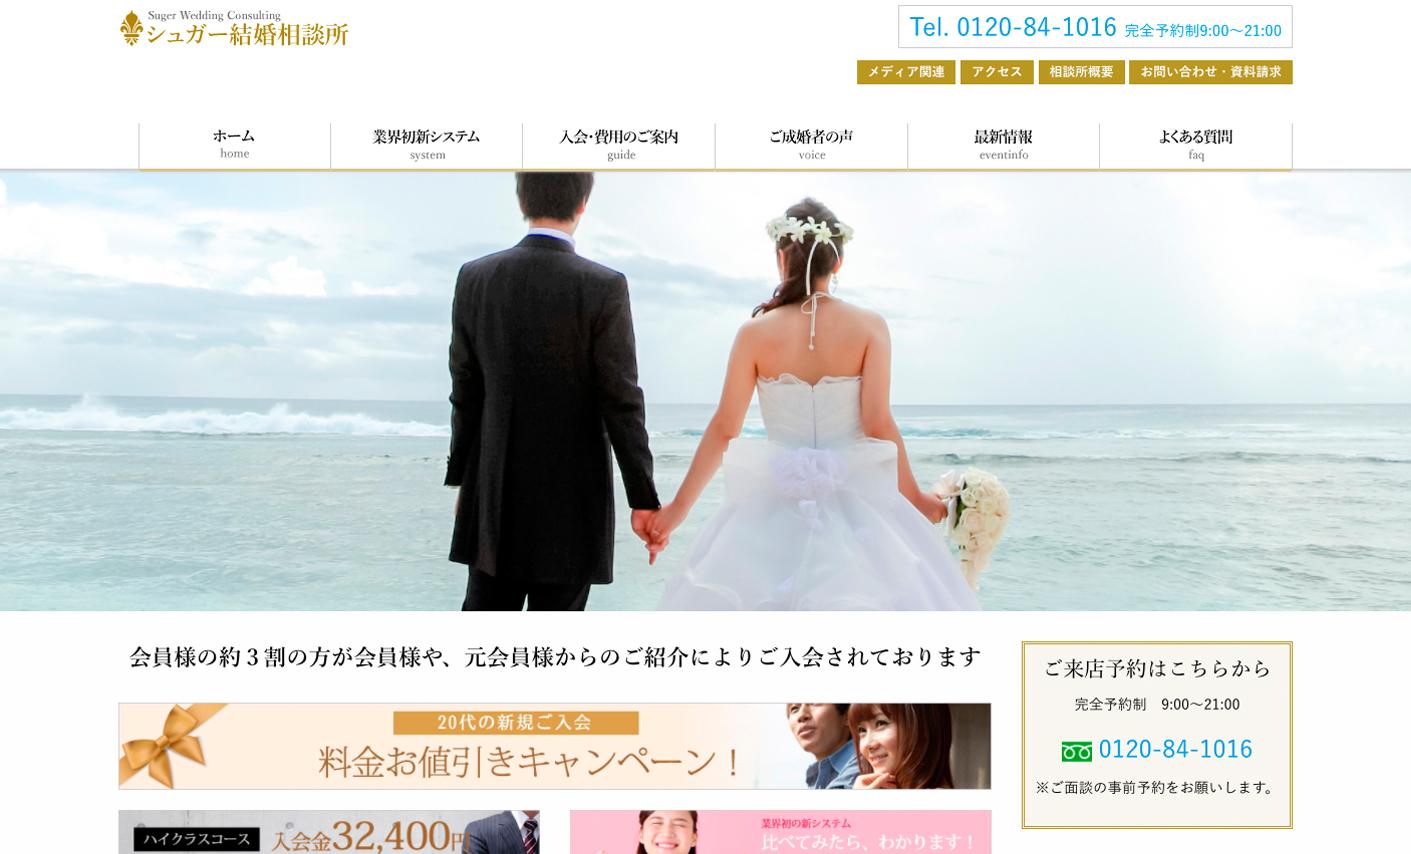 シュガー結婚相談所広島